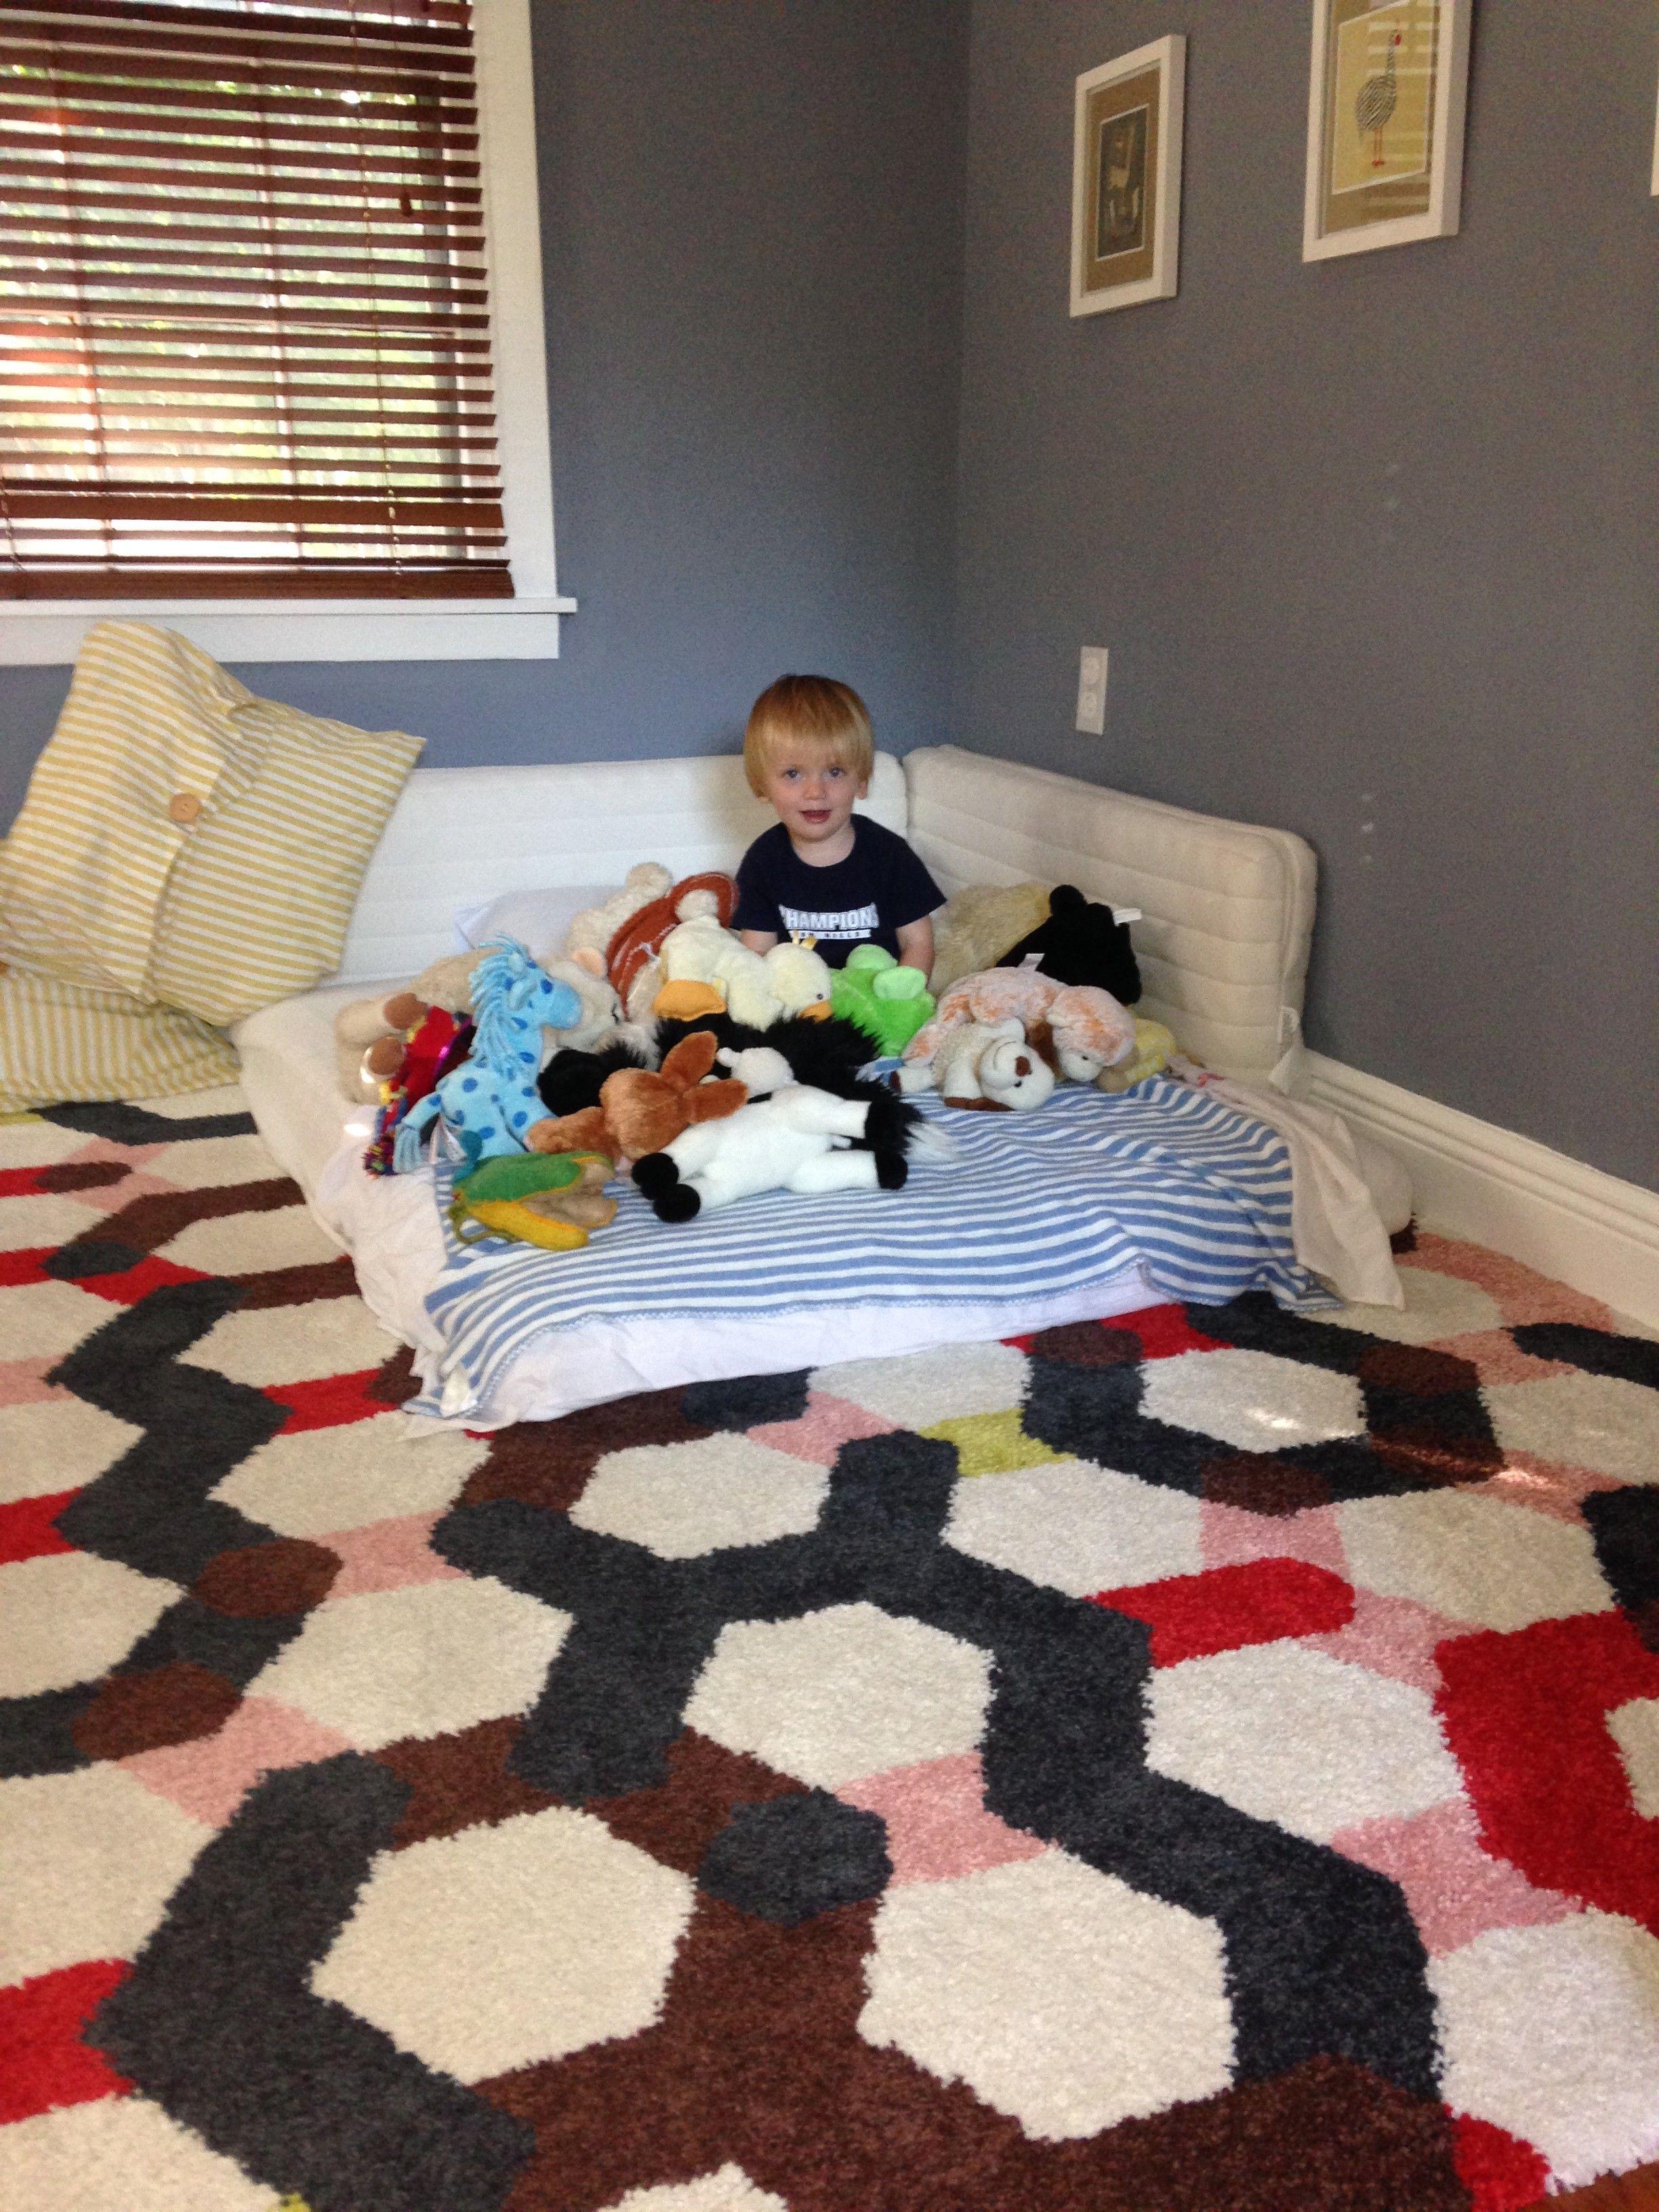 Montessori en casa la cama en el suelo el beneficio m s importante de la cama en el suelo es - Suelo habitacion ninos ...